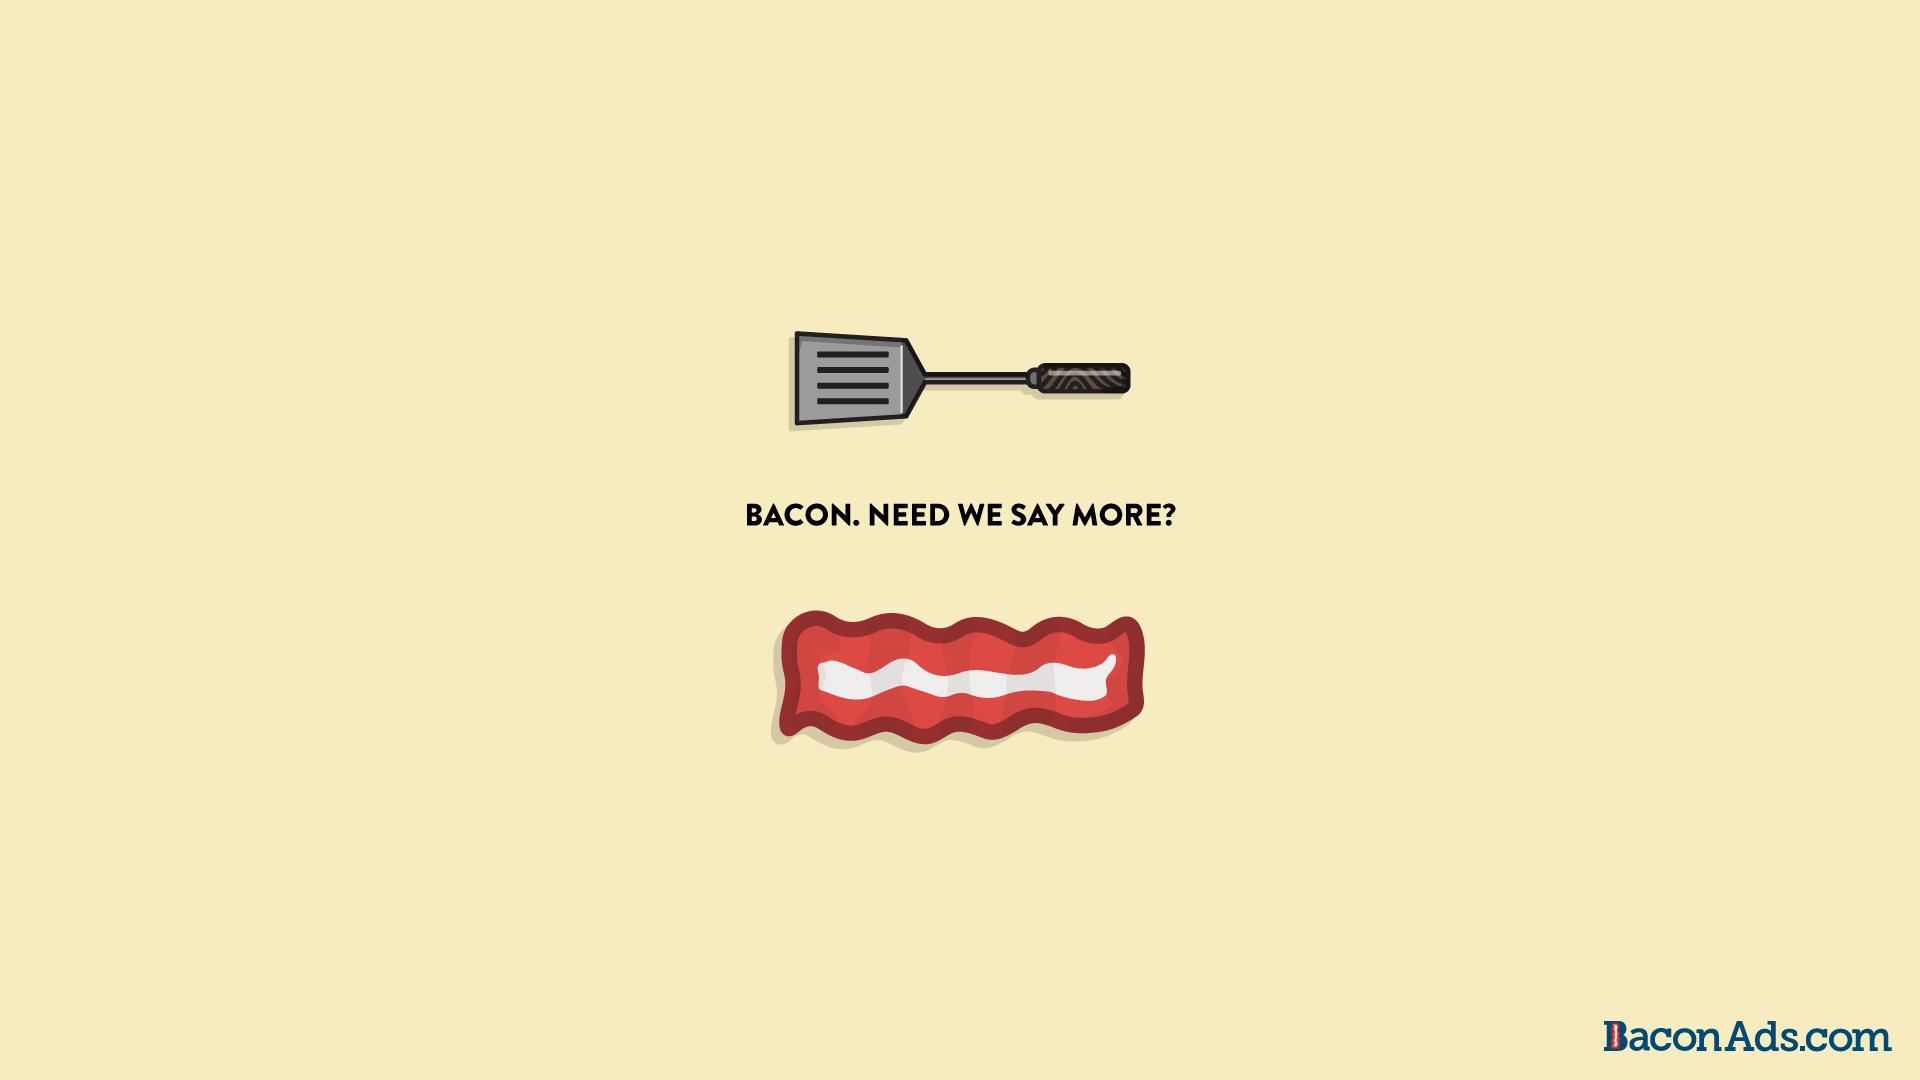 BeaconAds.com Has Become BaconAds.com